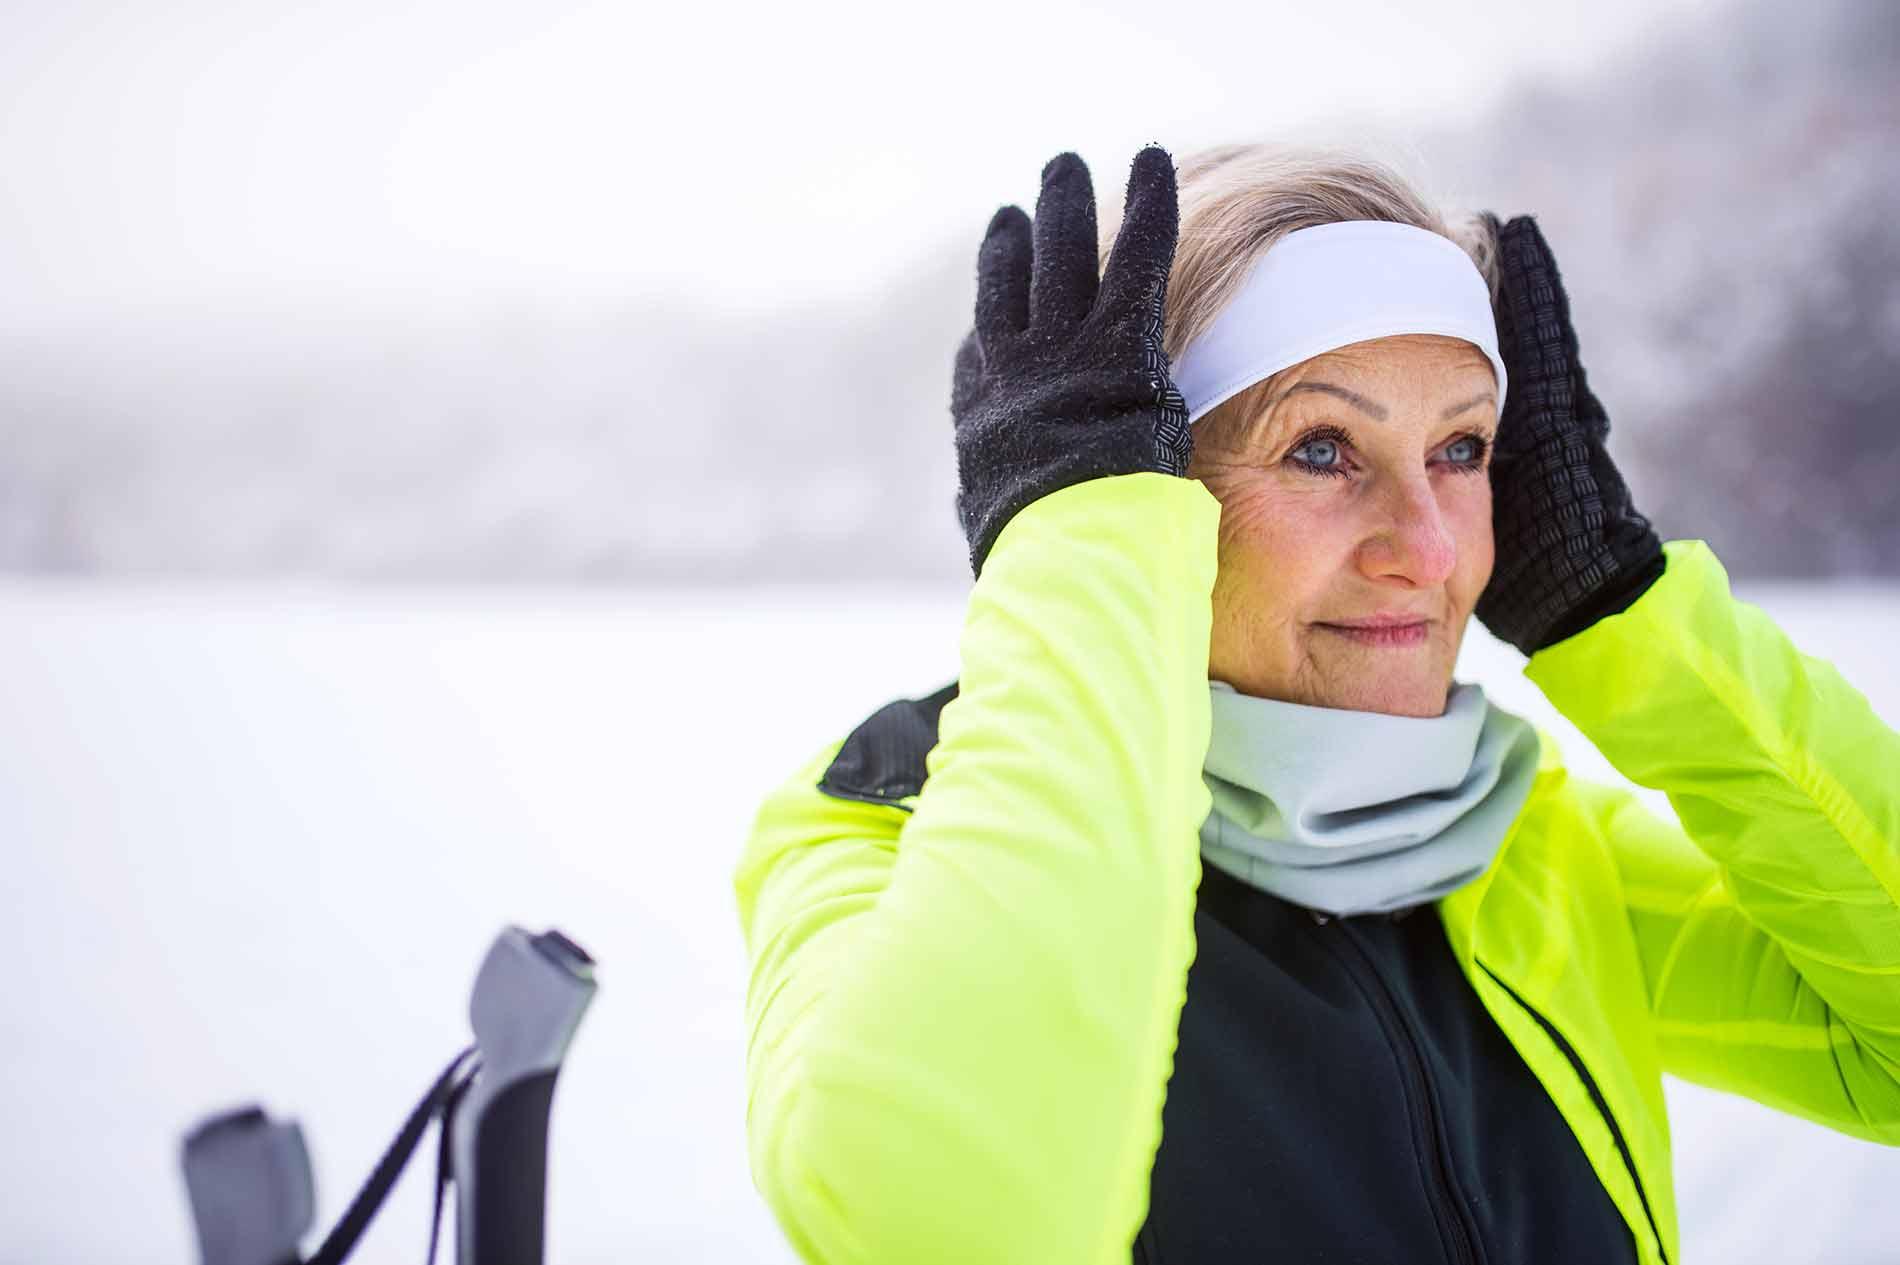 Préparation ski et sports d'hiver